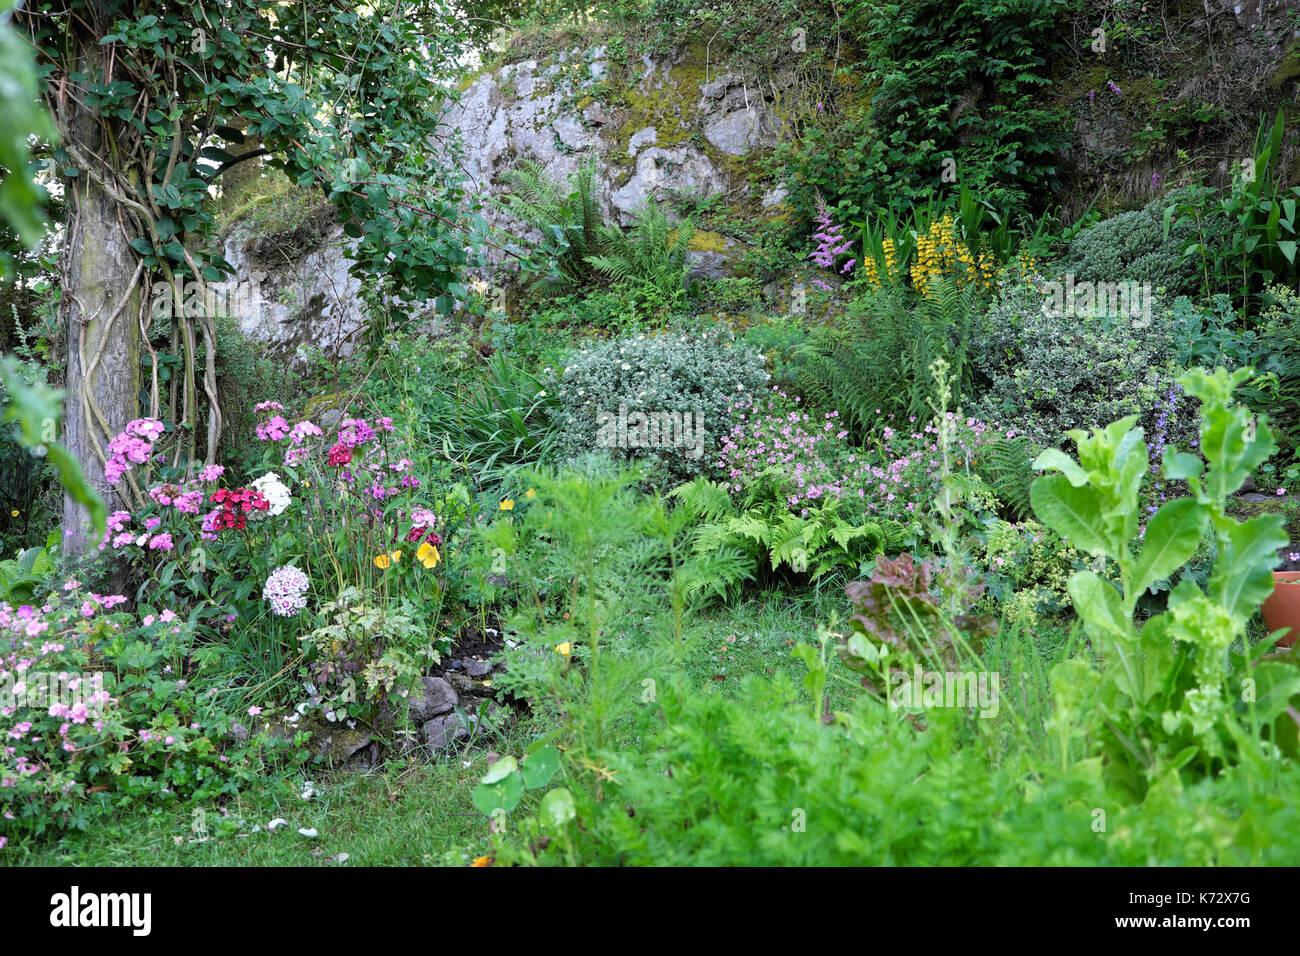 geranium cottage border stock photos u0026 geranium cottage border